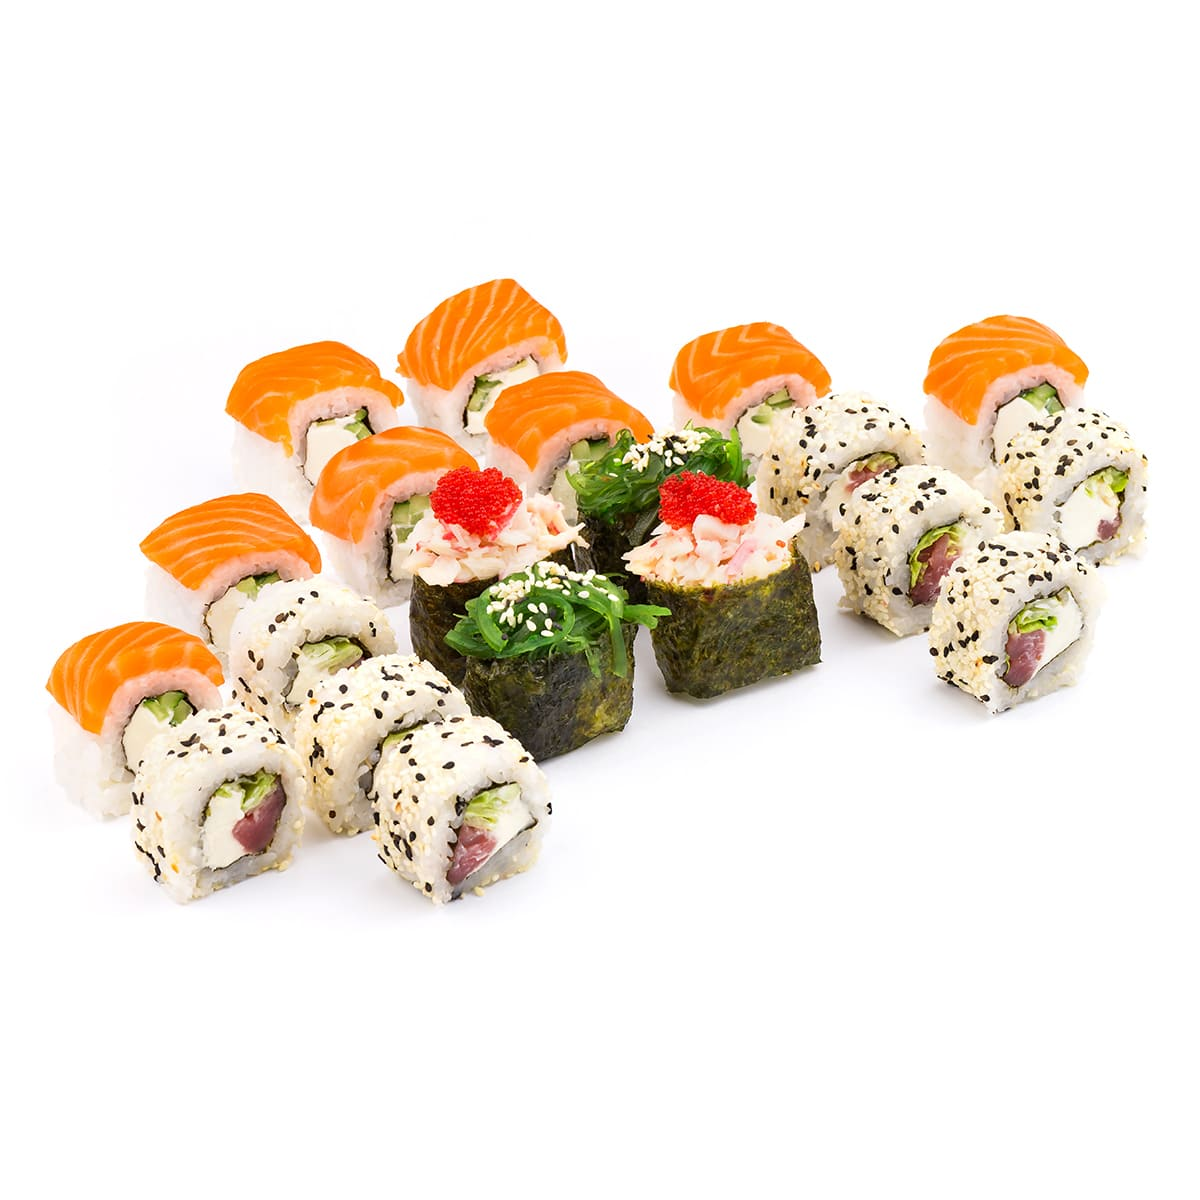 """фото суши сета """"Японика"""" в Ирпене и буче от Паблито"""